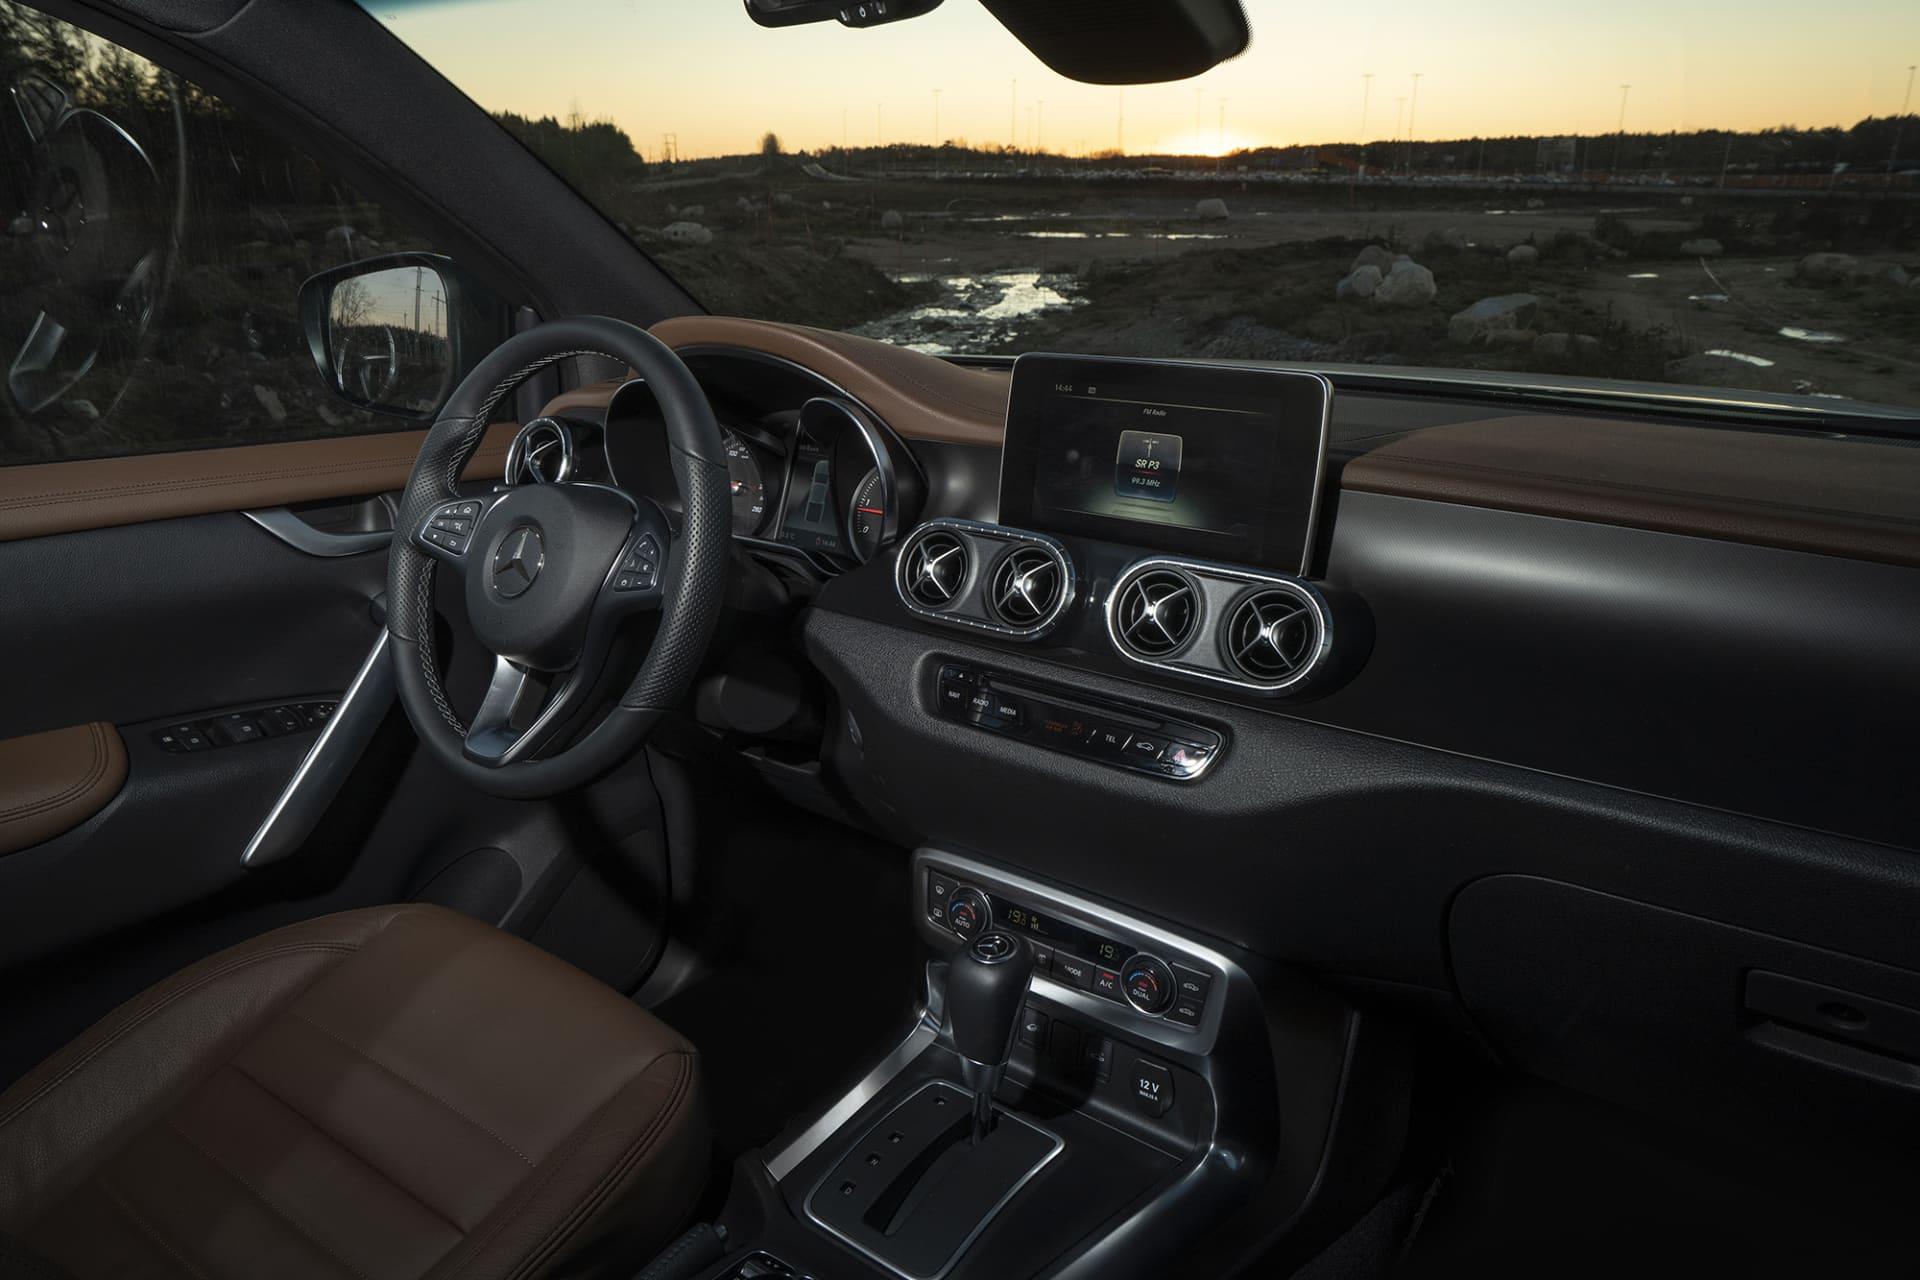 Interiören känns igen från andra Mercedes modeller fläktutblåsen skärmen i överkant av mittkonsollen. En av få nackdelar med X-Klass är att man i dagsläget inte kan få Apple CarPlay.